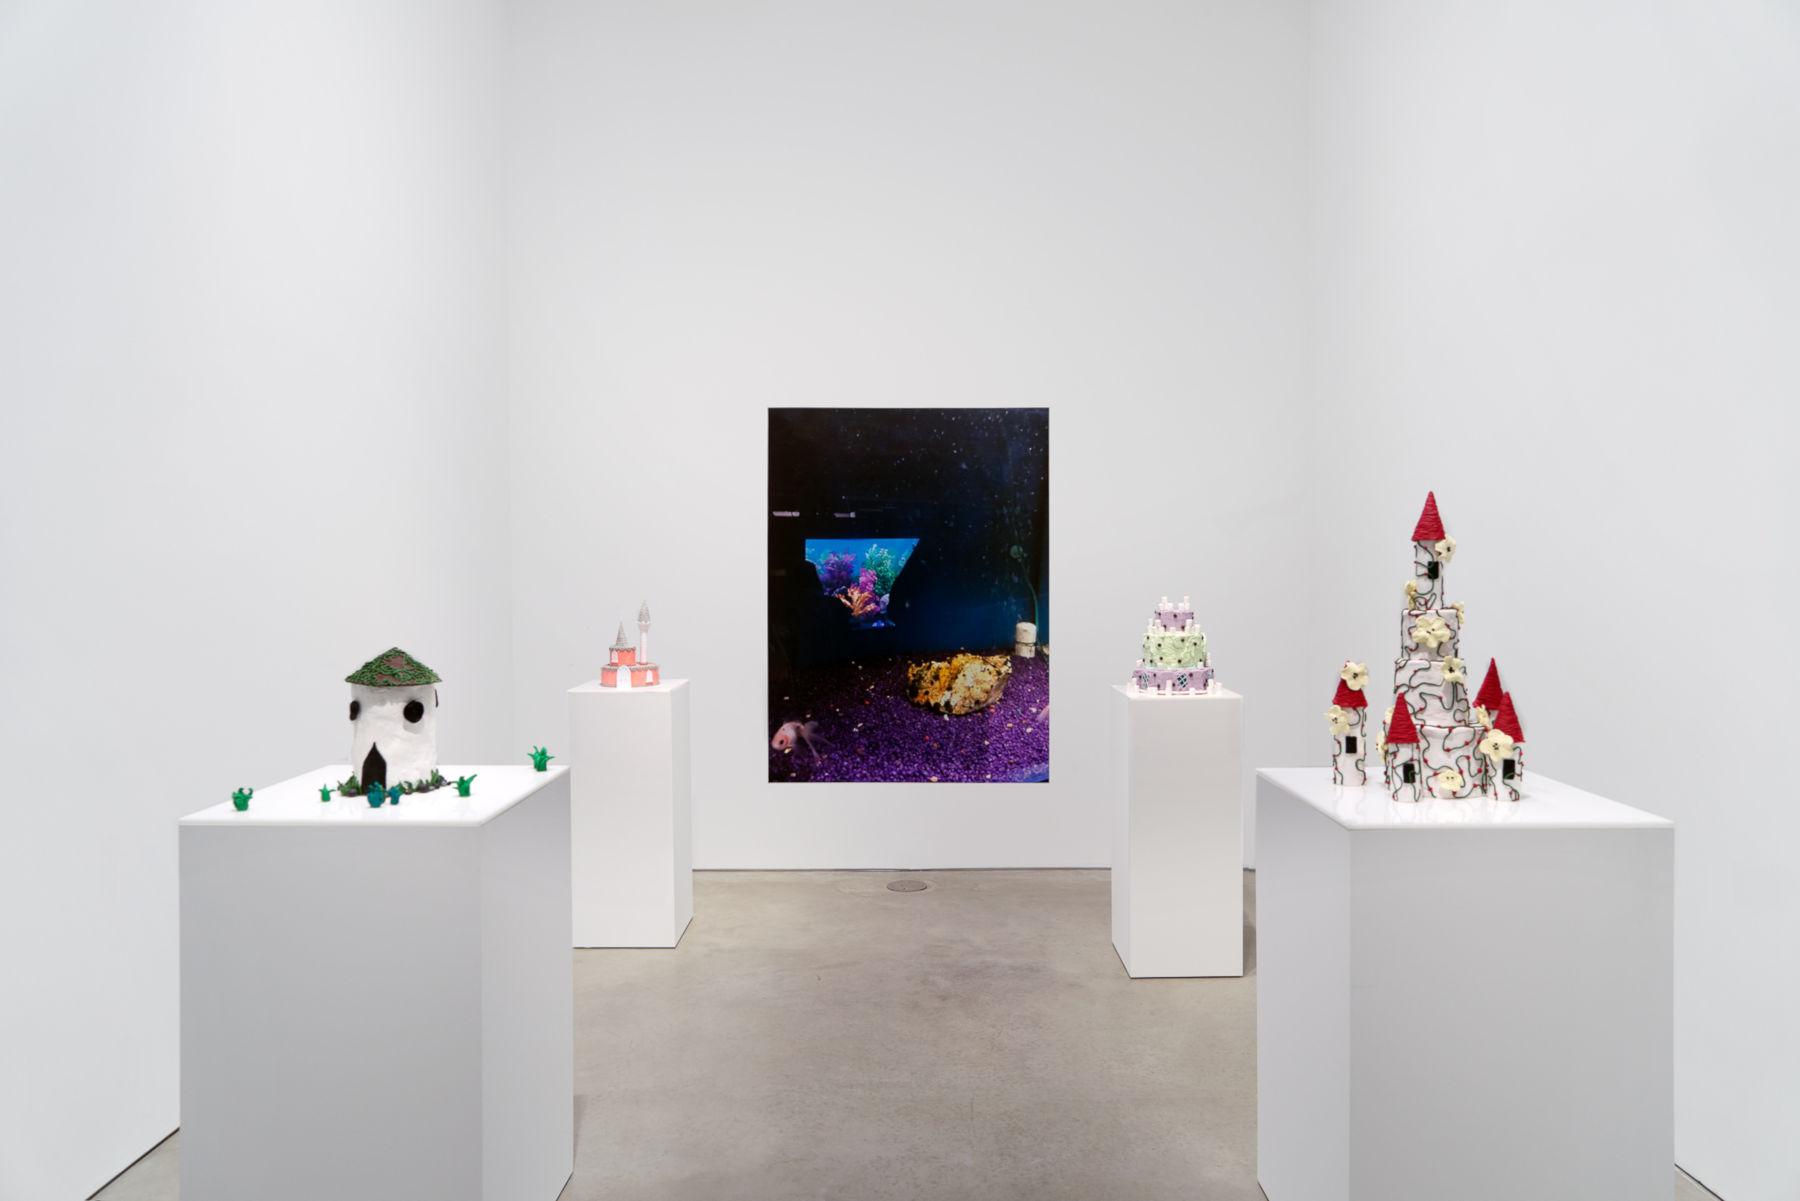 303 Gallery Gina Fischli 1